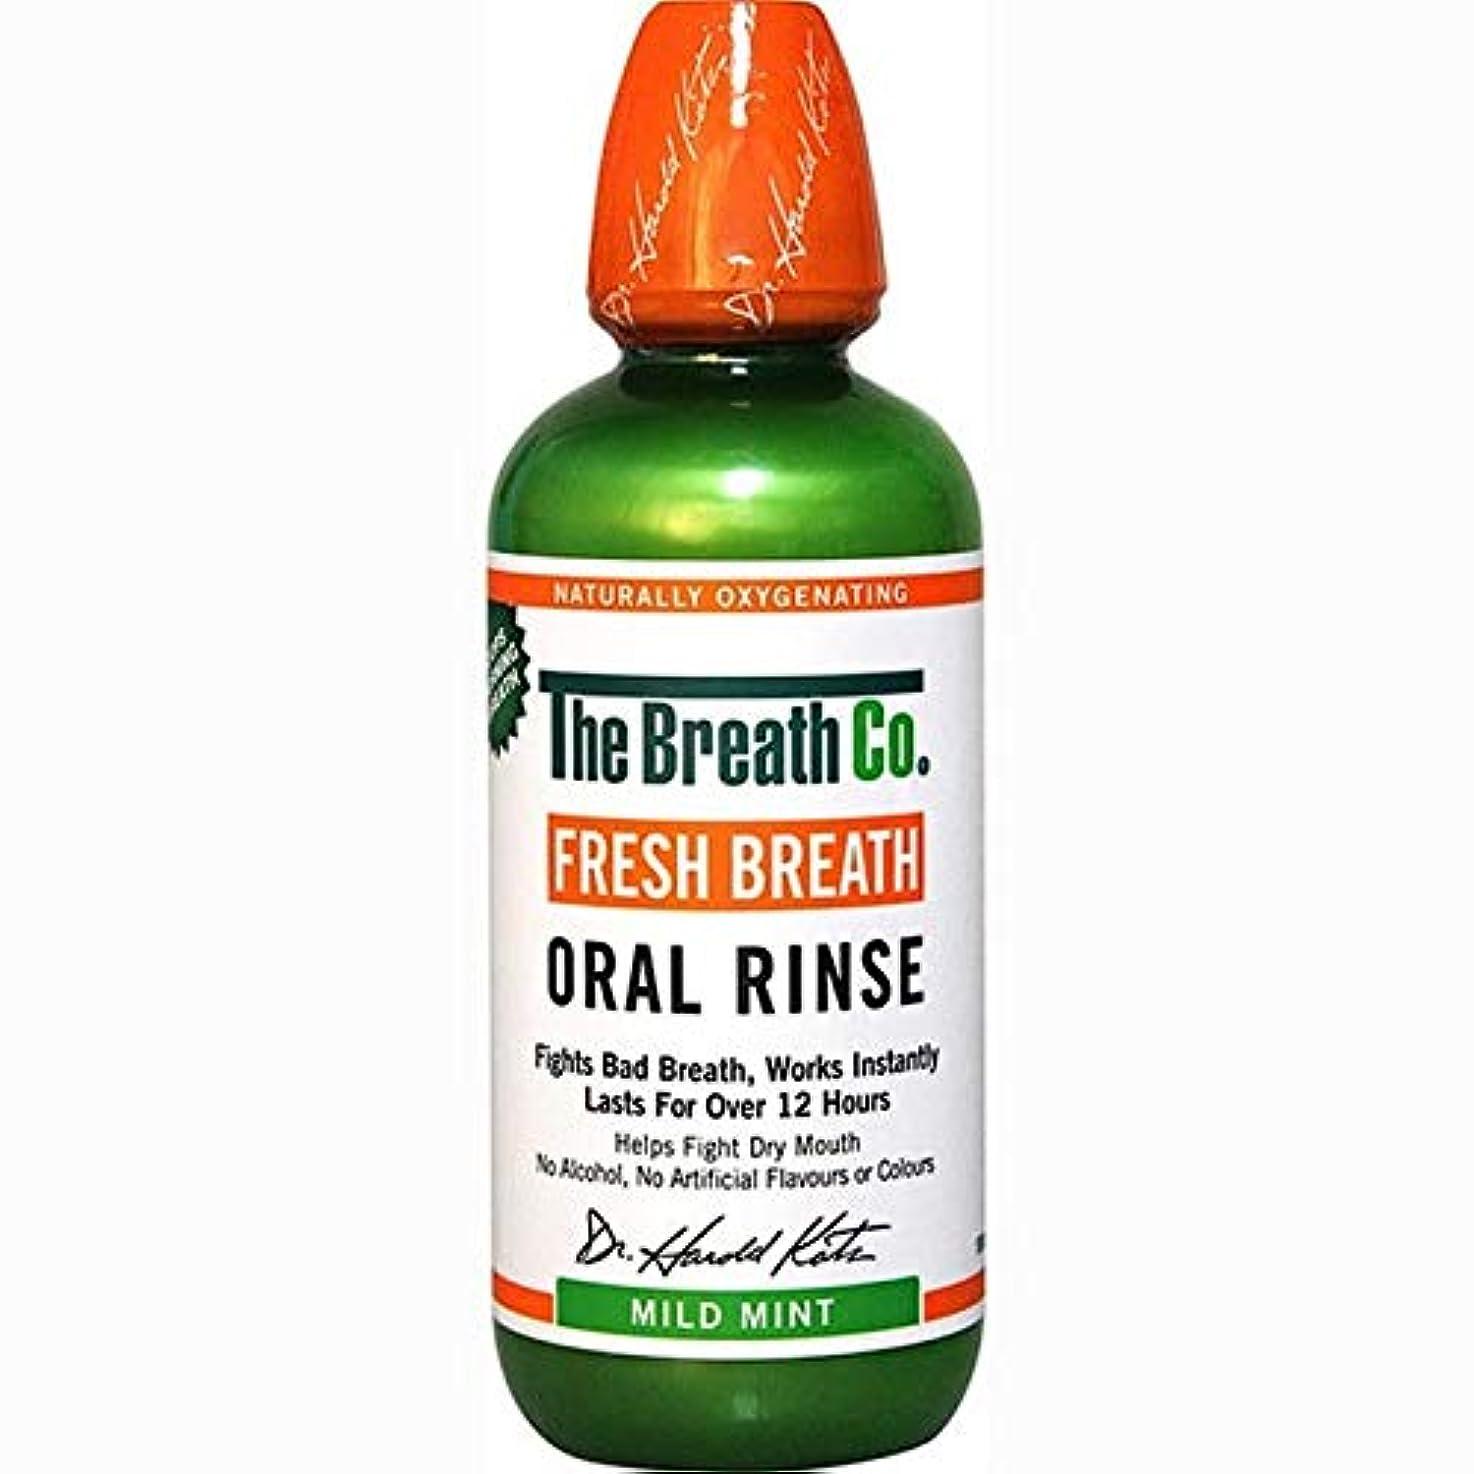 冷凍庫でも構成する[The Breath Co] 息のCo新鮮な息口腔リンスマイルドミント500ミリリットル - The Breath Co Fresh Breath Oral Rinse Mild Mint 500ml [並行輸入品]